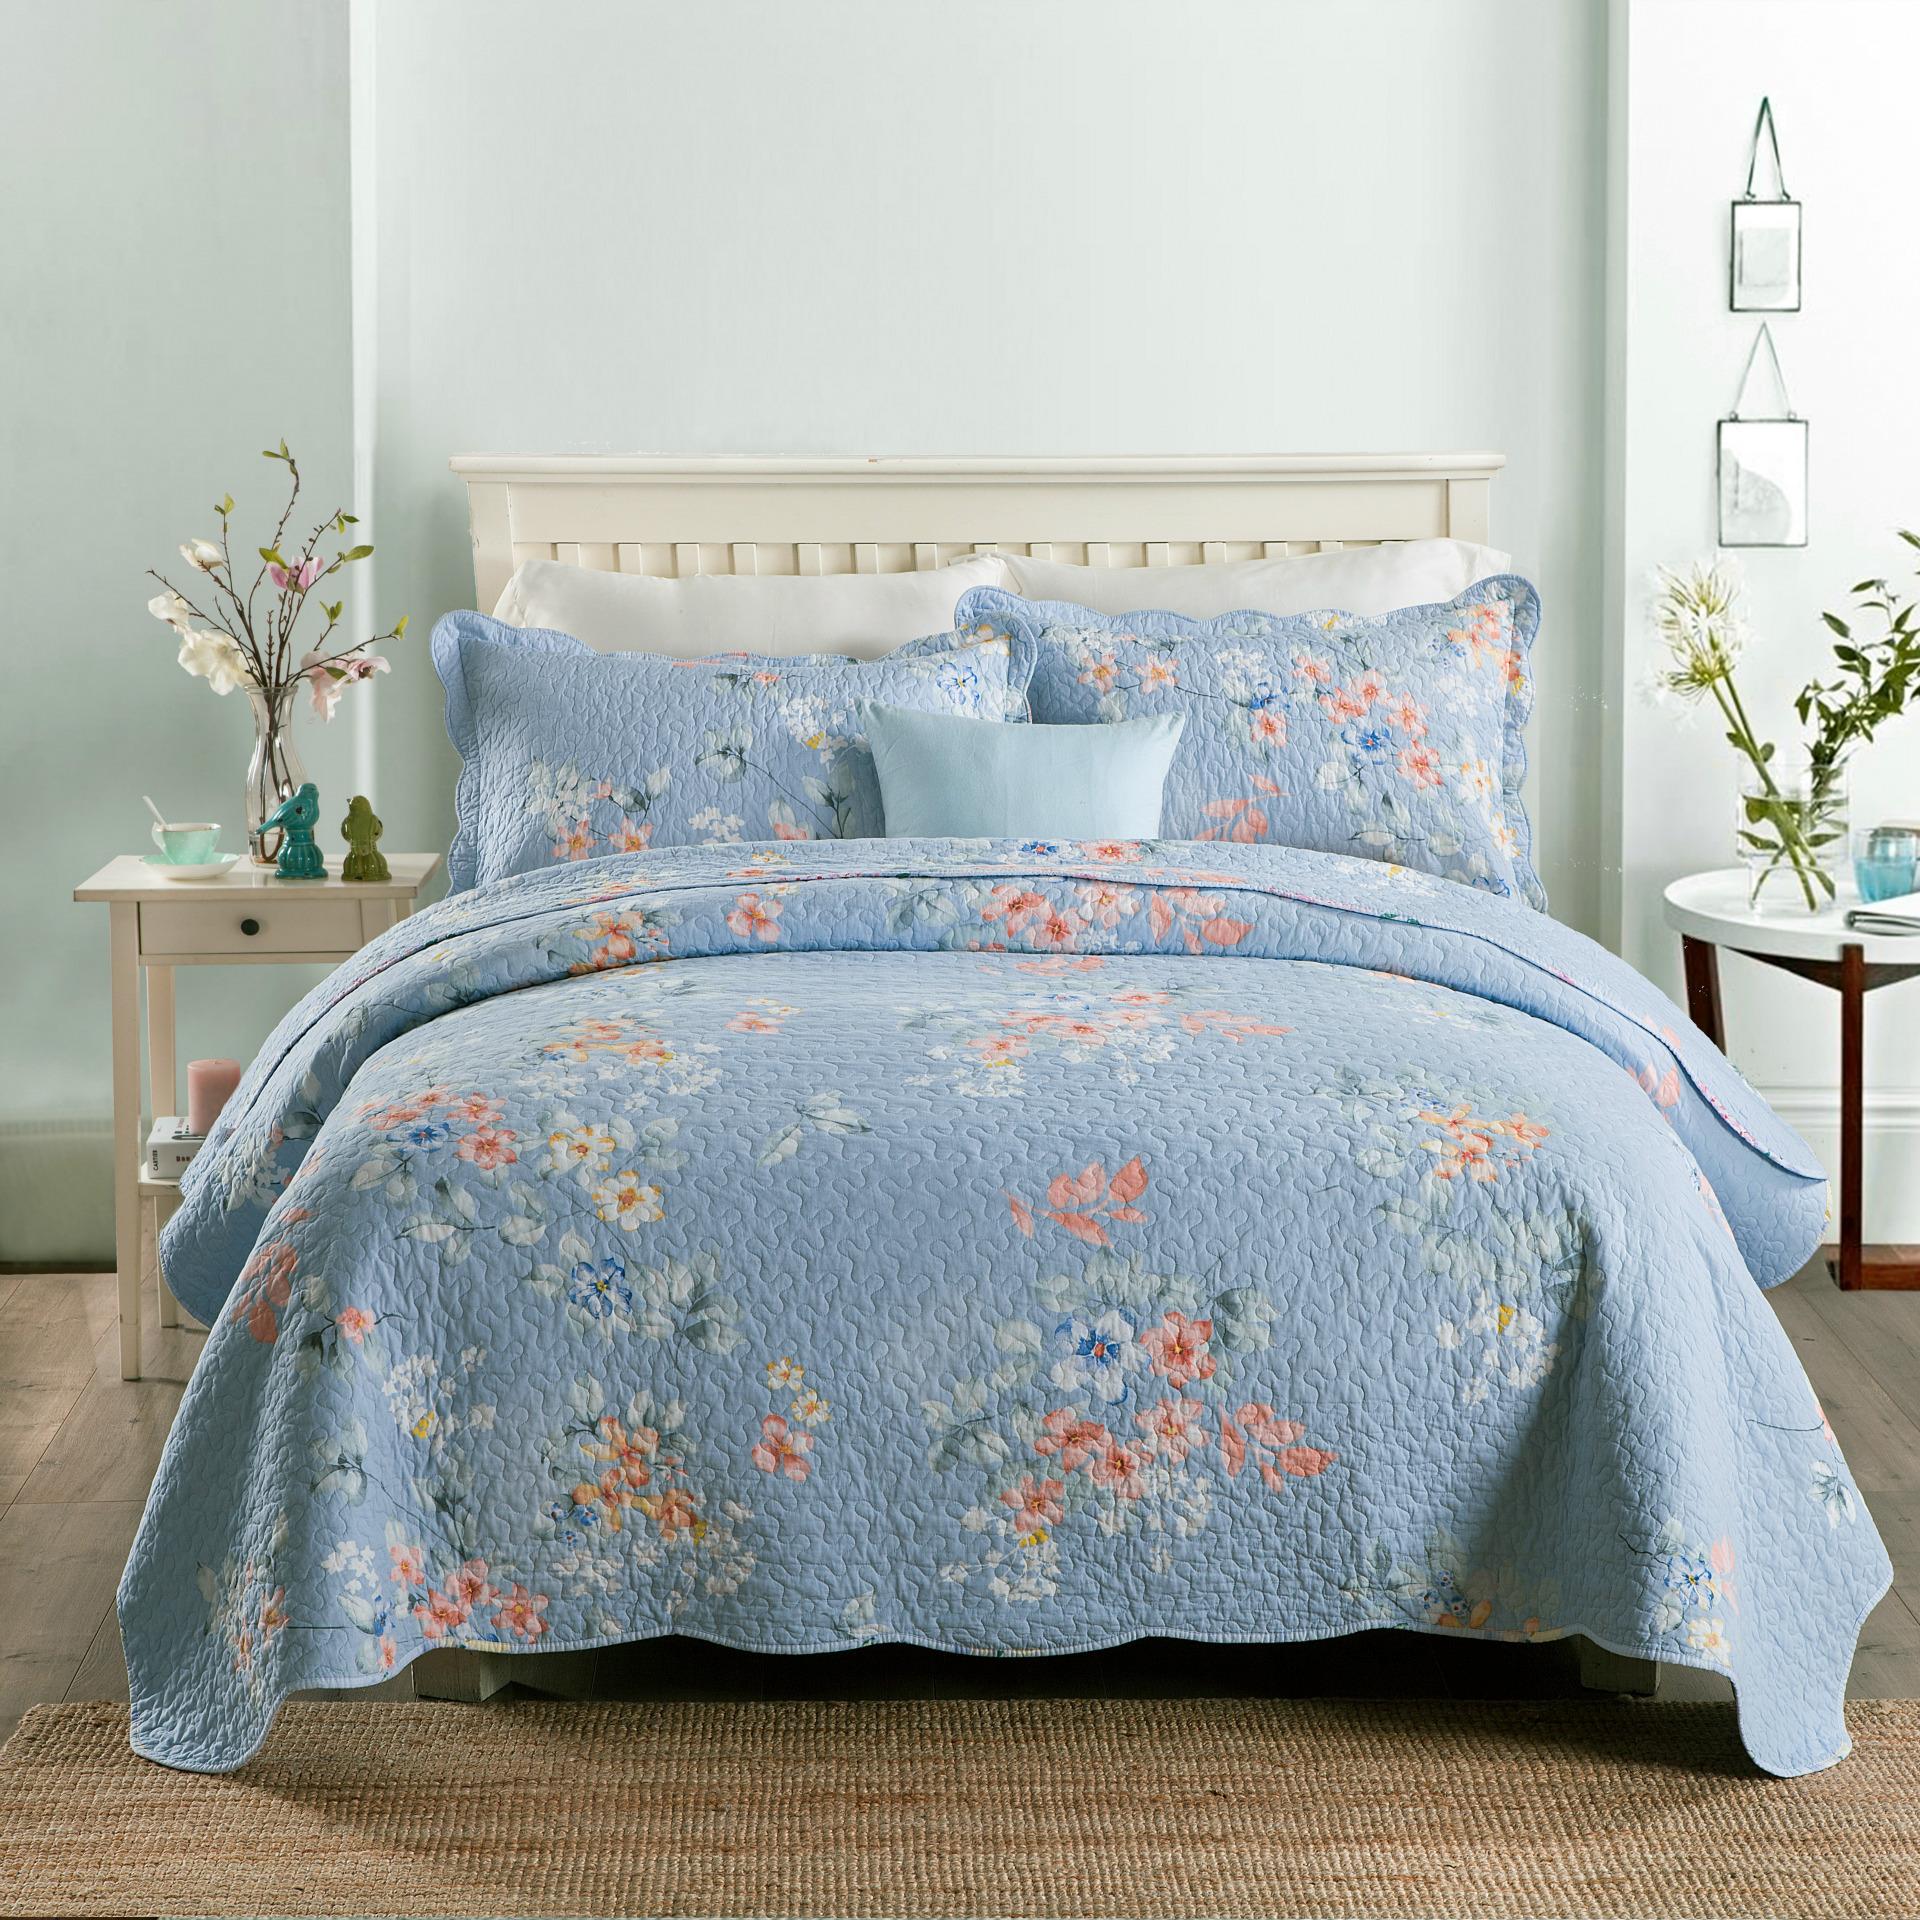 MILAIYA Bộ drap giường Cotton Twill Bộ ba mảnh